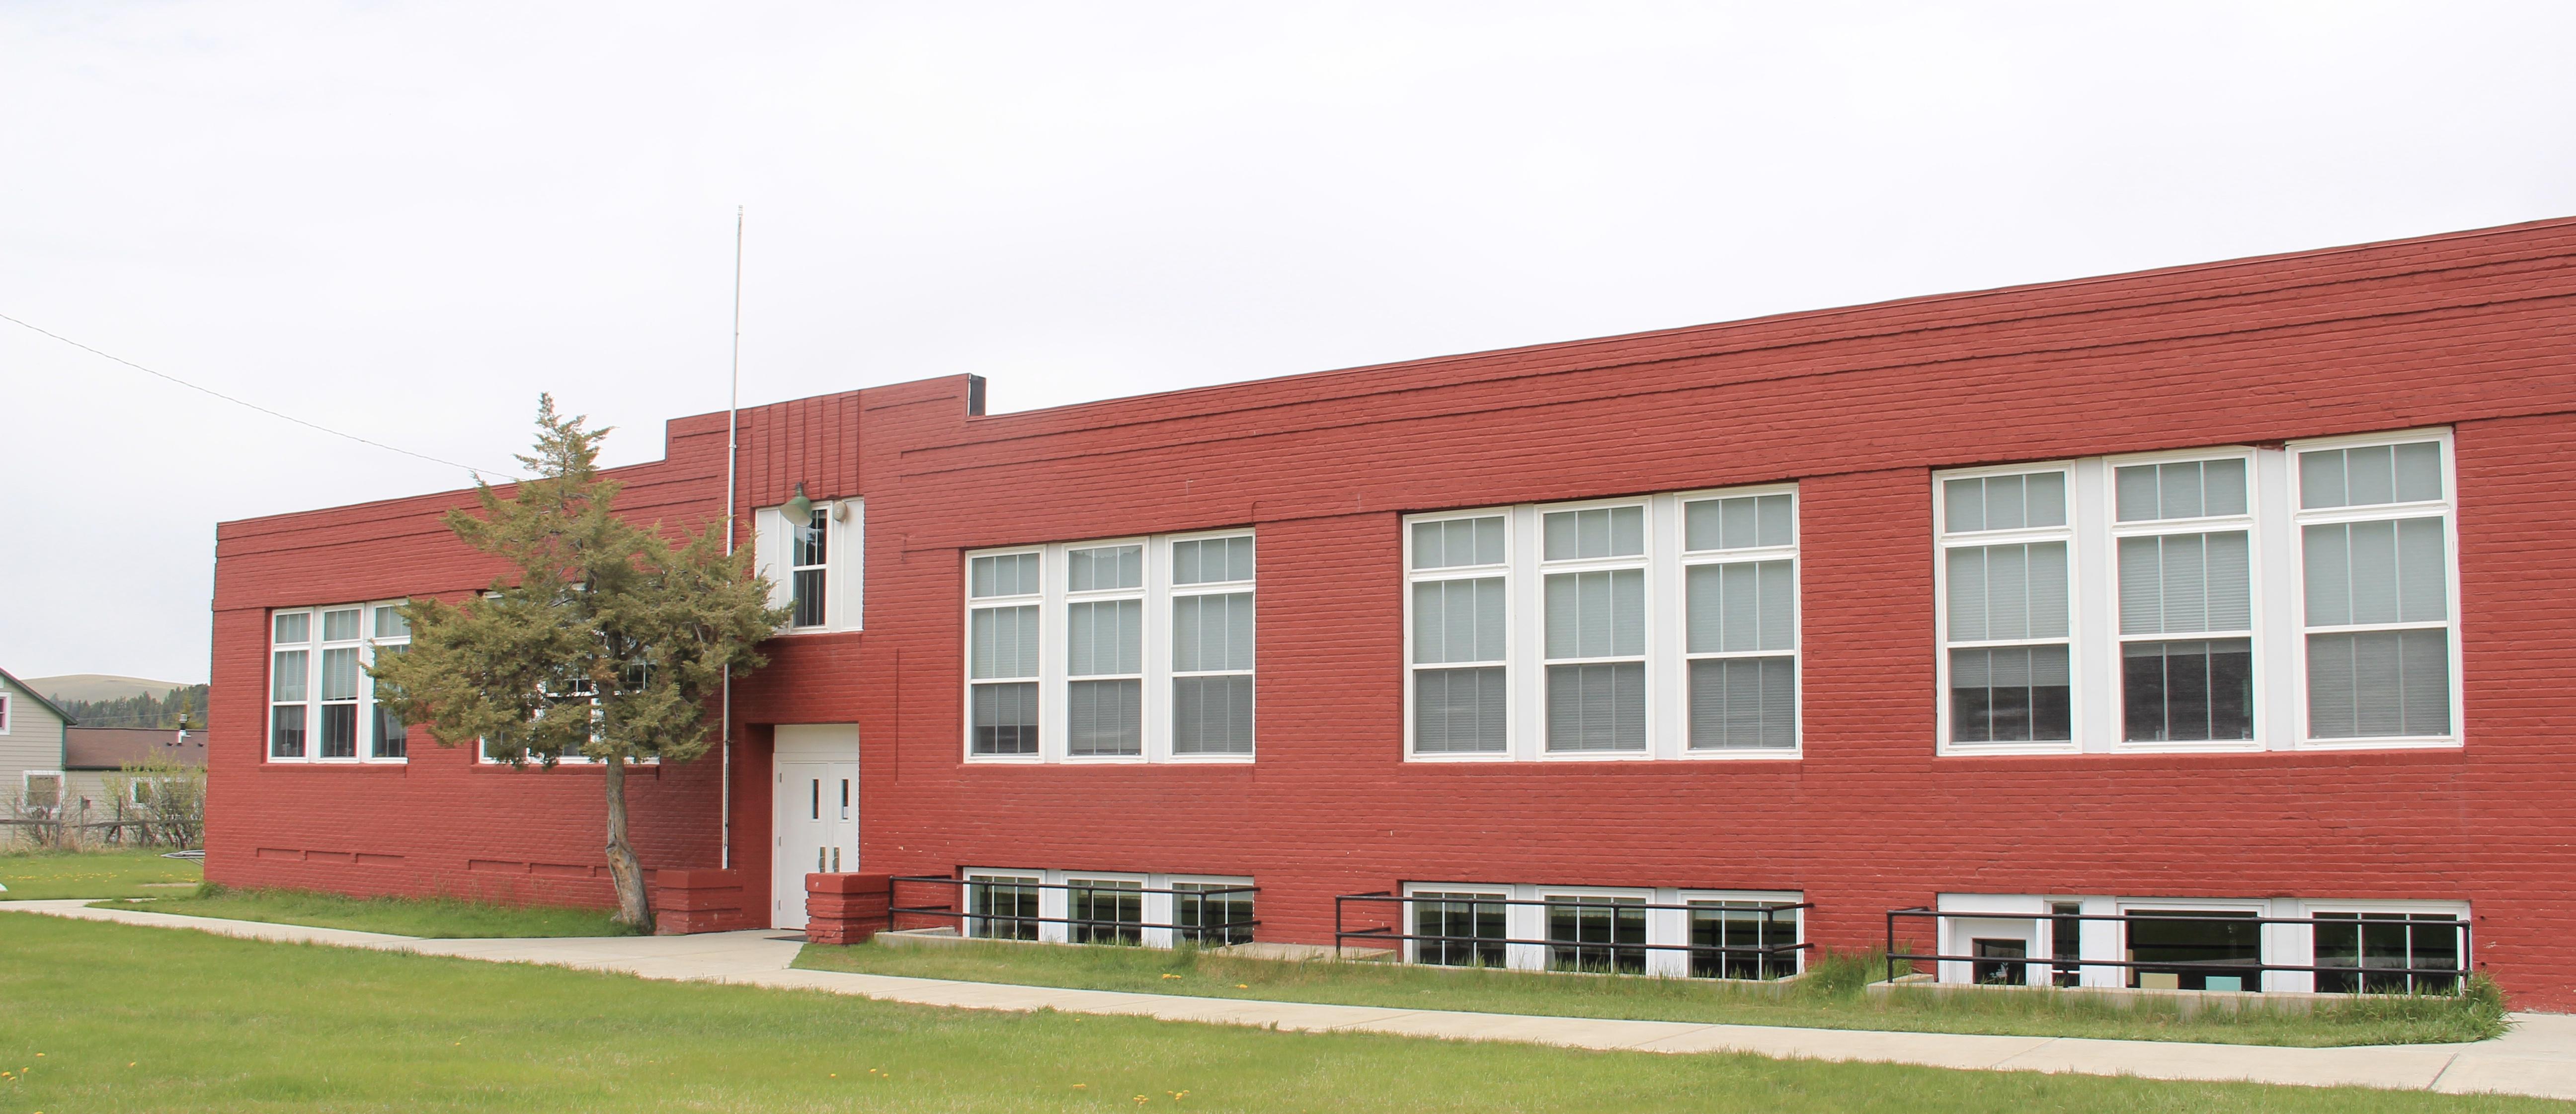 Elliston school, Powell Co